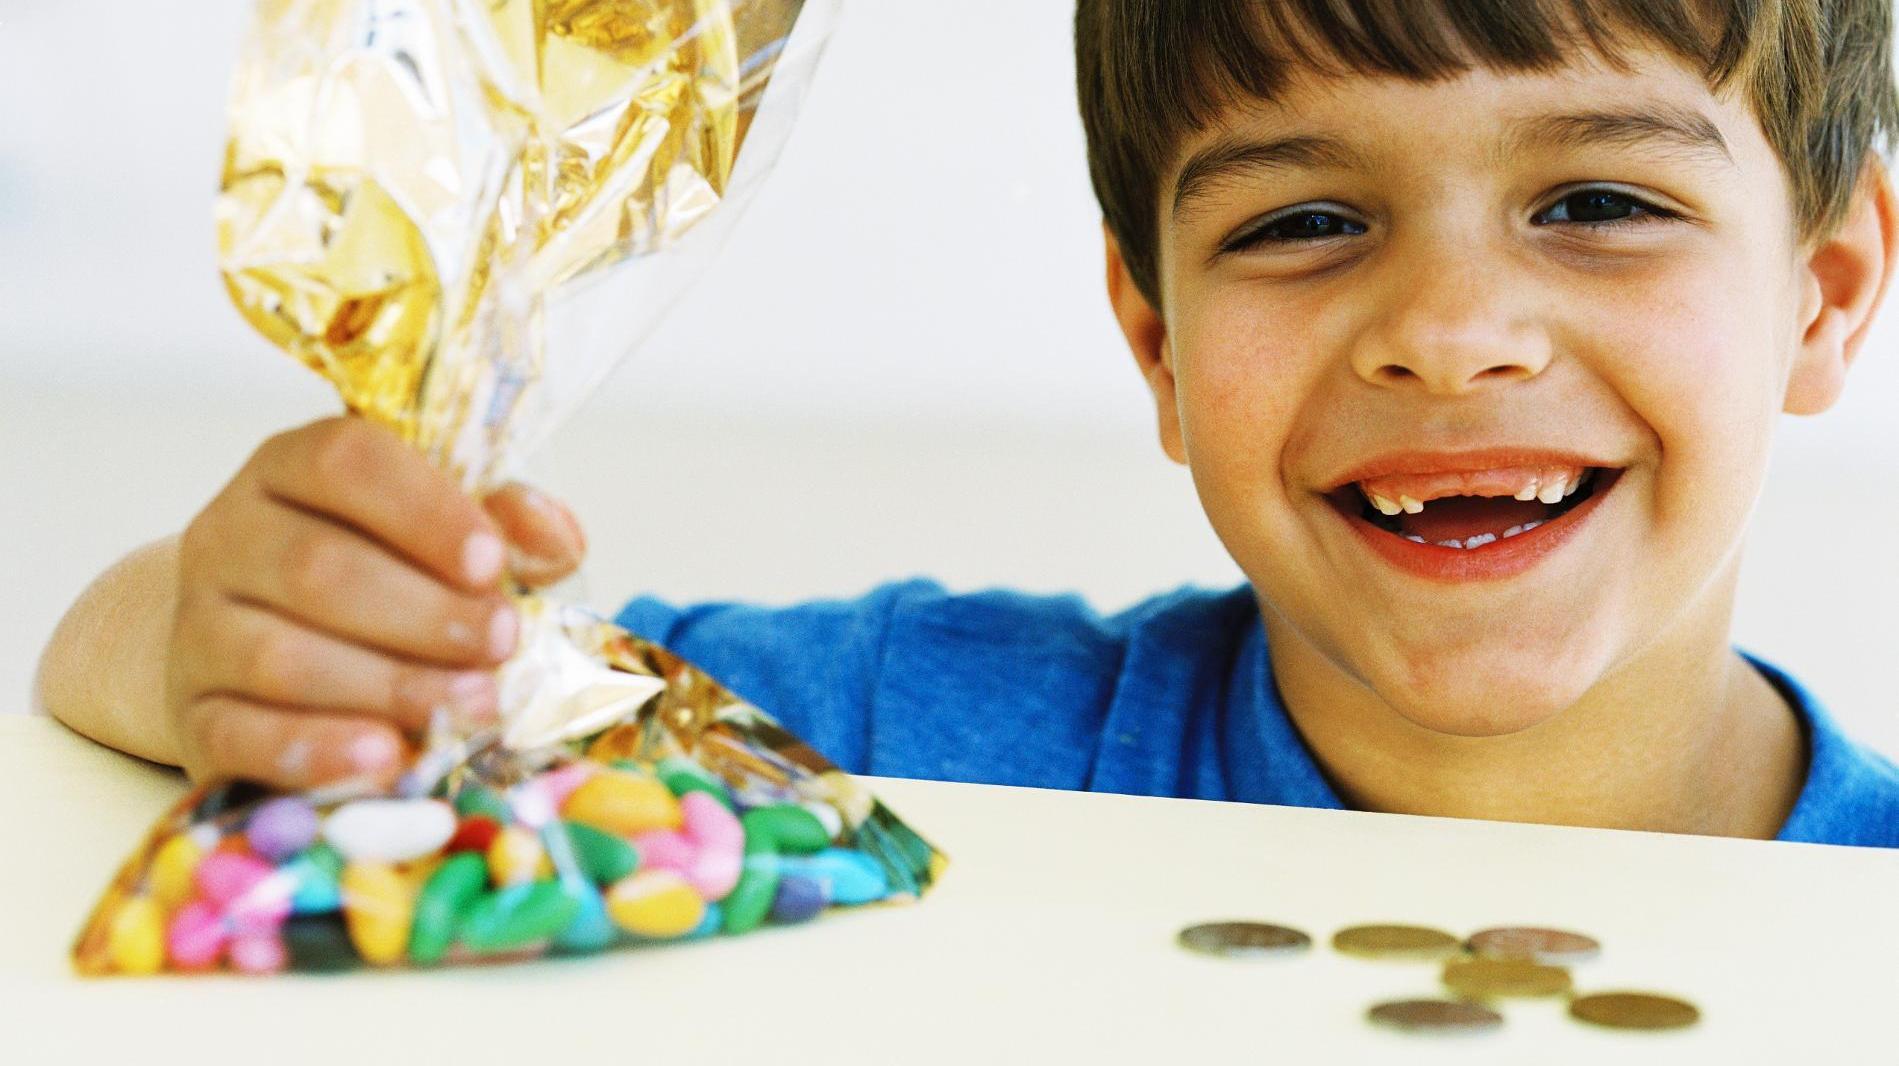 Geburtstagsglückwünsche Für Kind  Taschengeld So viel Geld bekommen Kinder in Deutschland